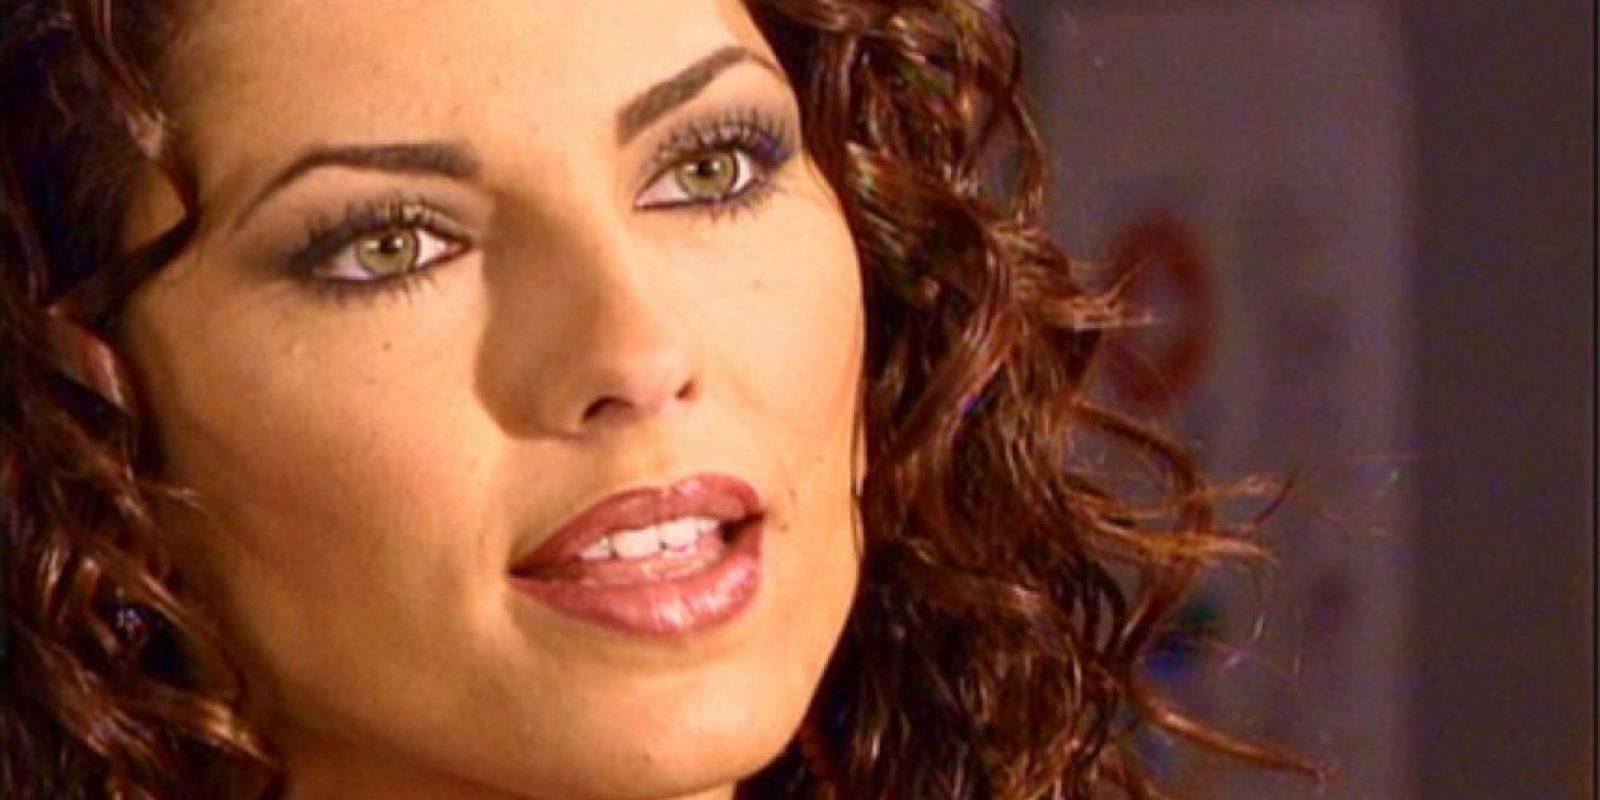 """El papel proyectó internacionalmente a la actriz que la interpretó. Bárbara llegó a actuar en Bollywood, junto a Hrithik Roshan en """"Kites"""". También estuvo en la película """"La mujer de mi hermano"""". Foto:vía Televisa"""